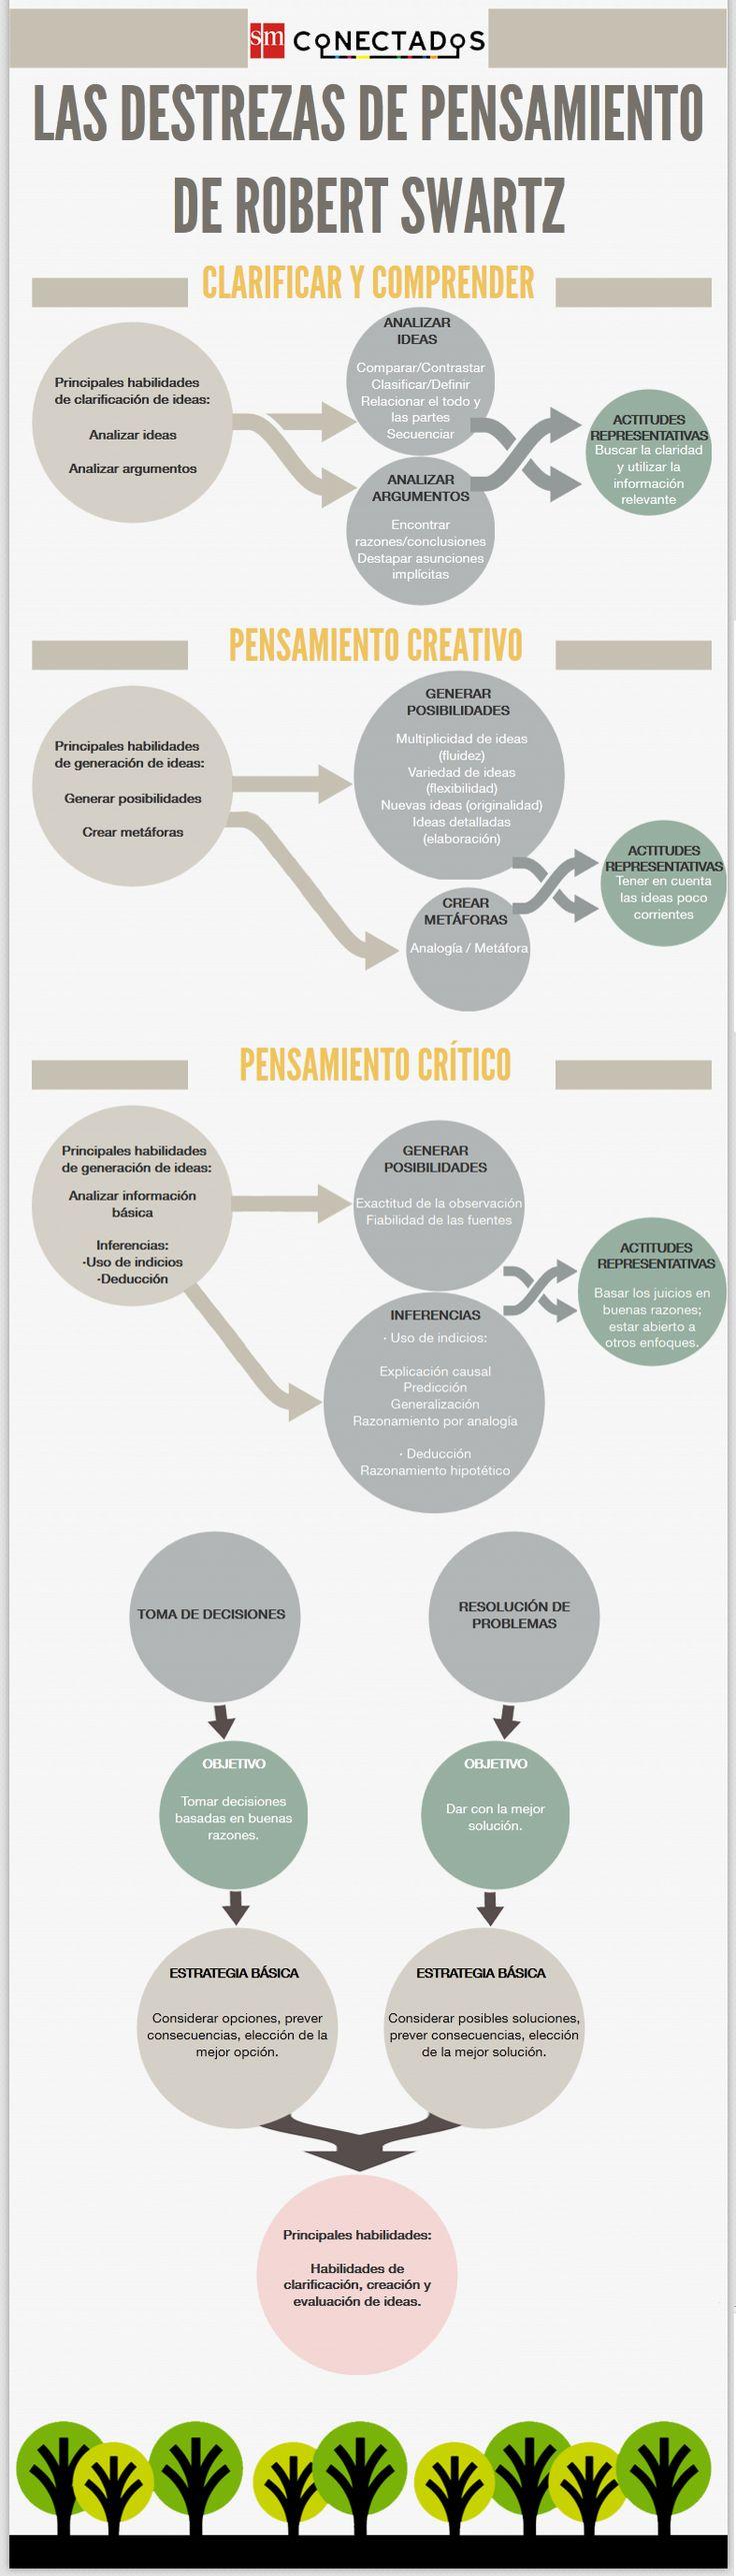 infografia_destrezas_pensamiento_swartz.jpg (787×2756)